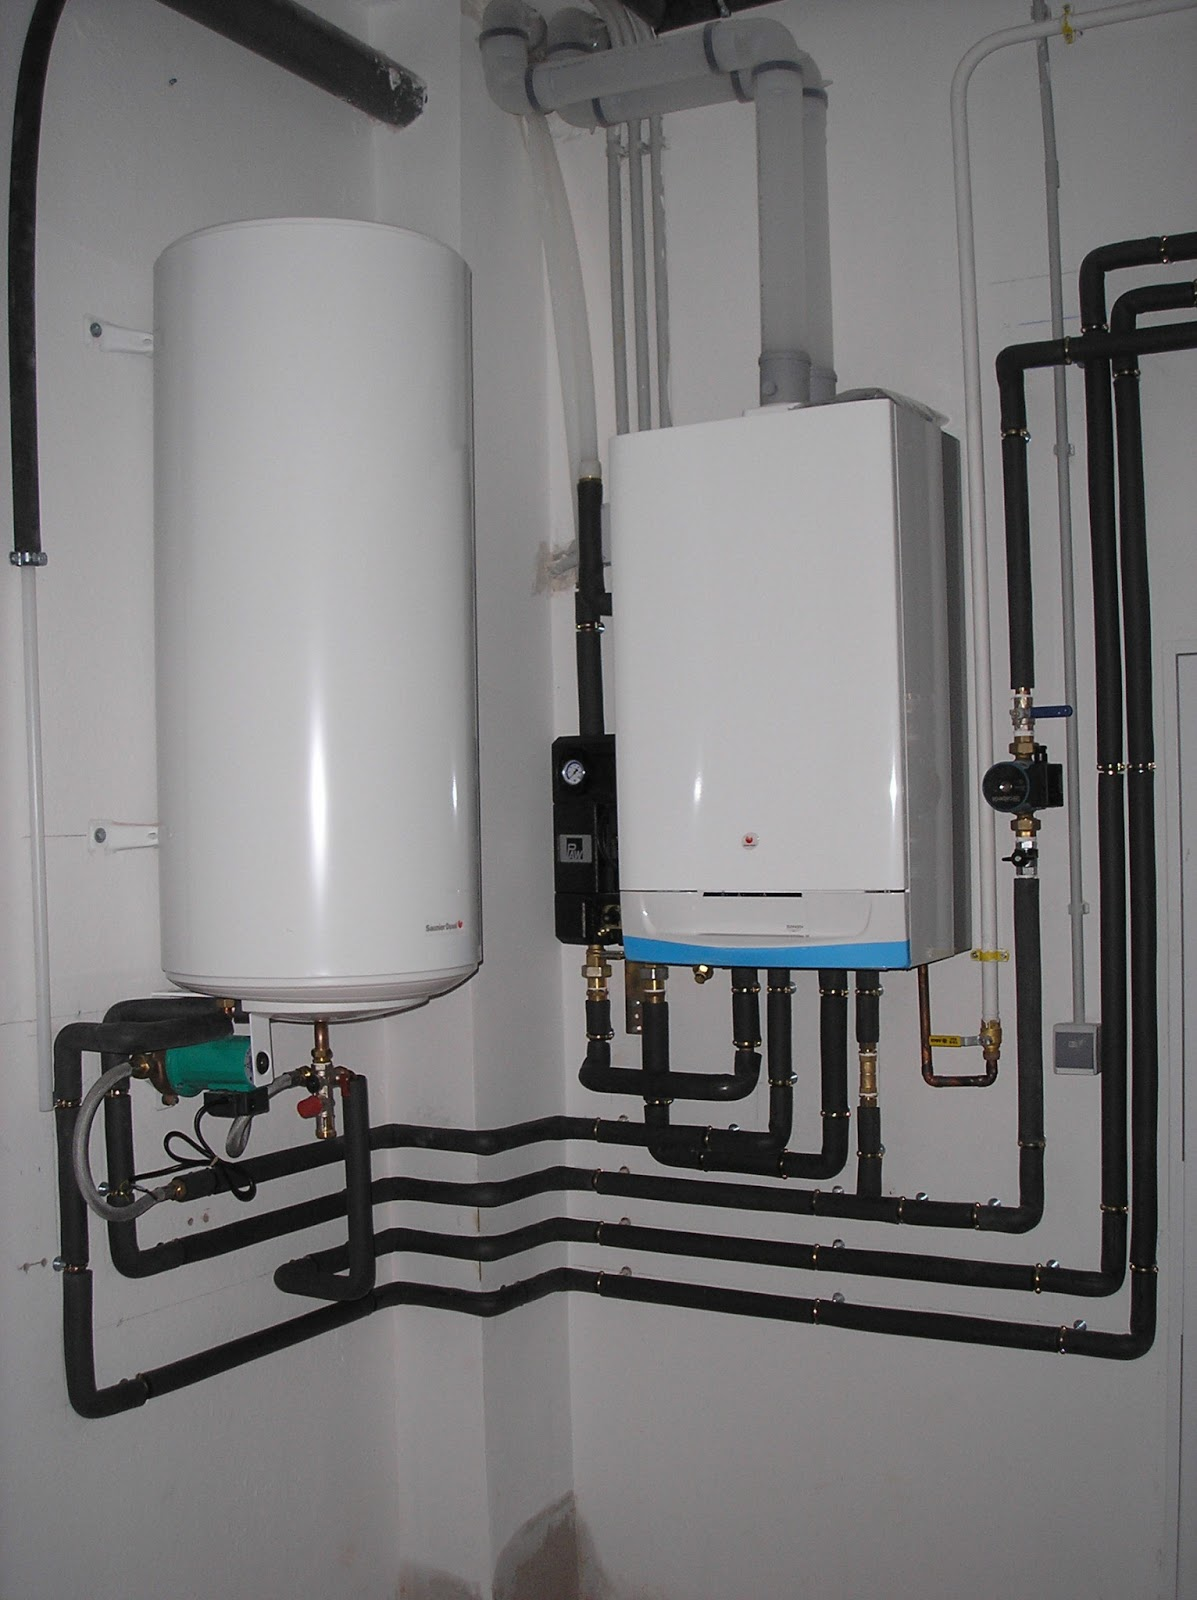 C mo ahorrar energ a 18 02 2013 gas natural versus gasoil - Caldera no calienta agua si calefaccion ...